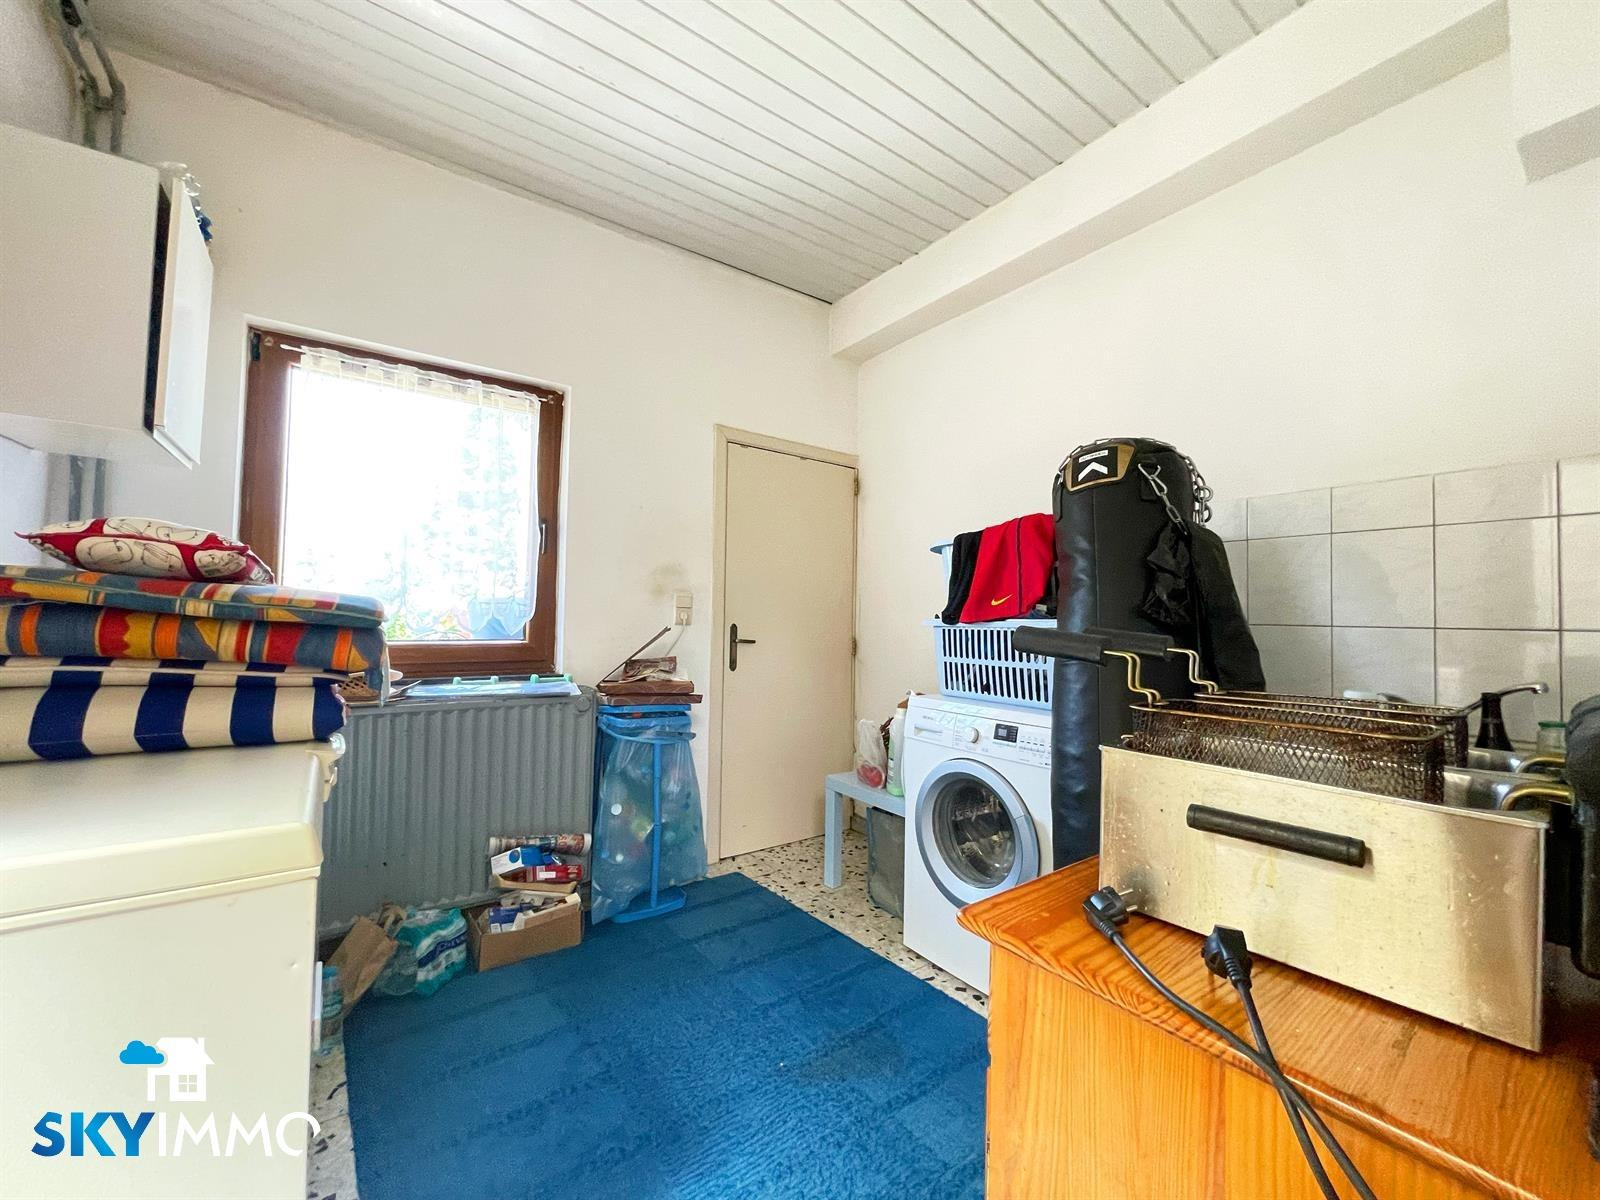 Maison - Seraing - #4421141-11